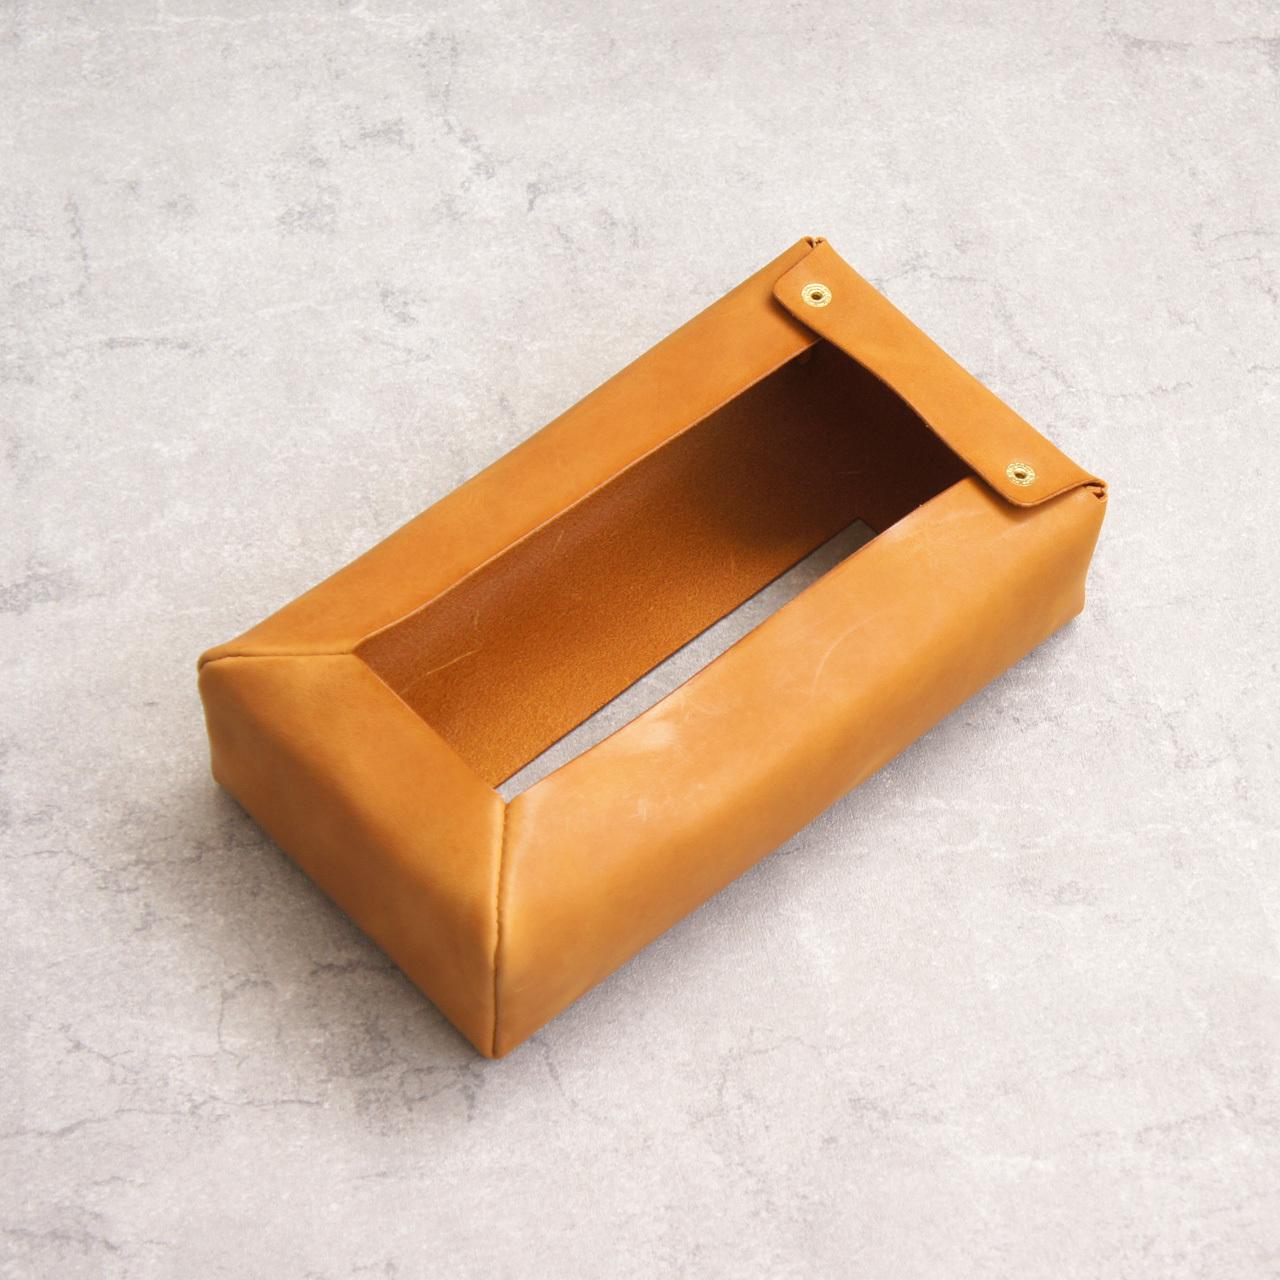 ふんわり柔らか革の箱ティッシュカバー【イエロー】